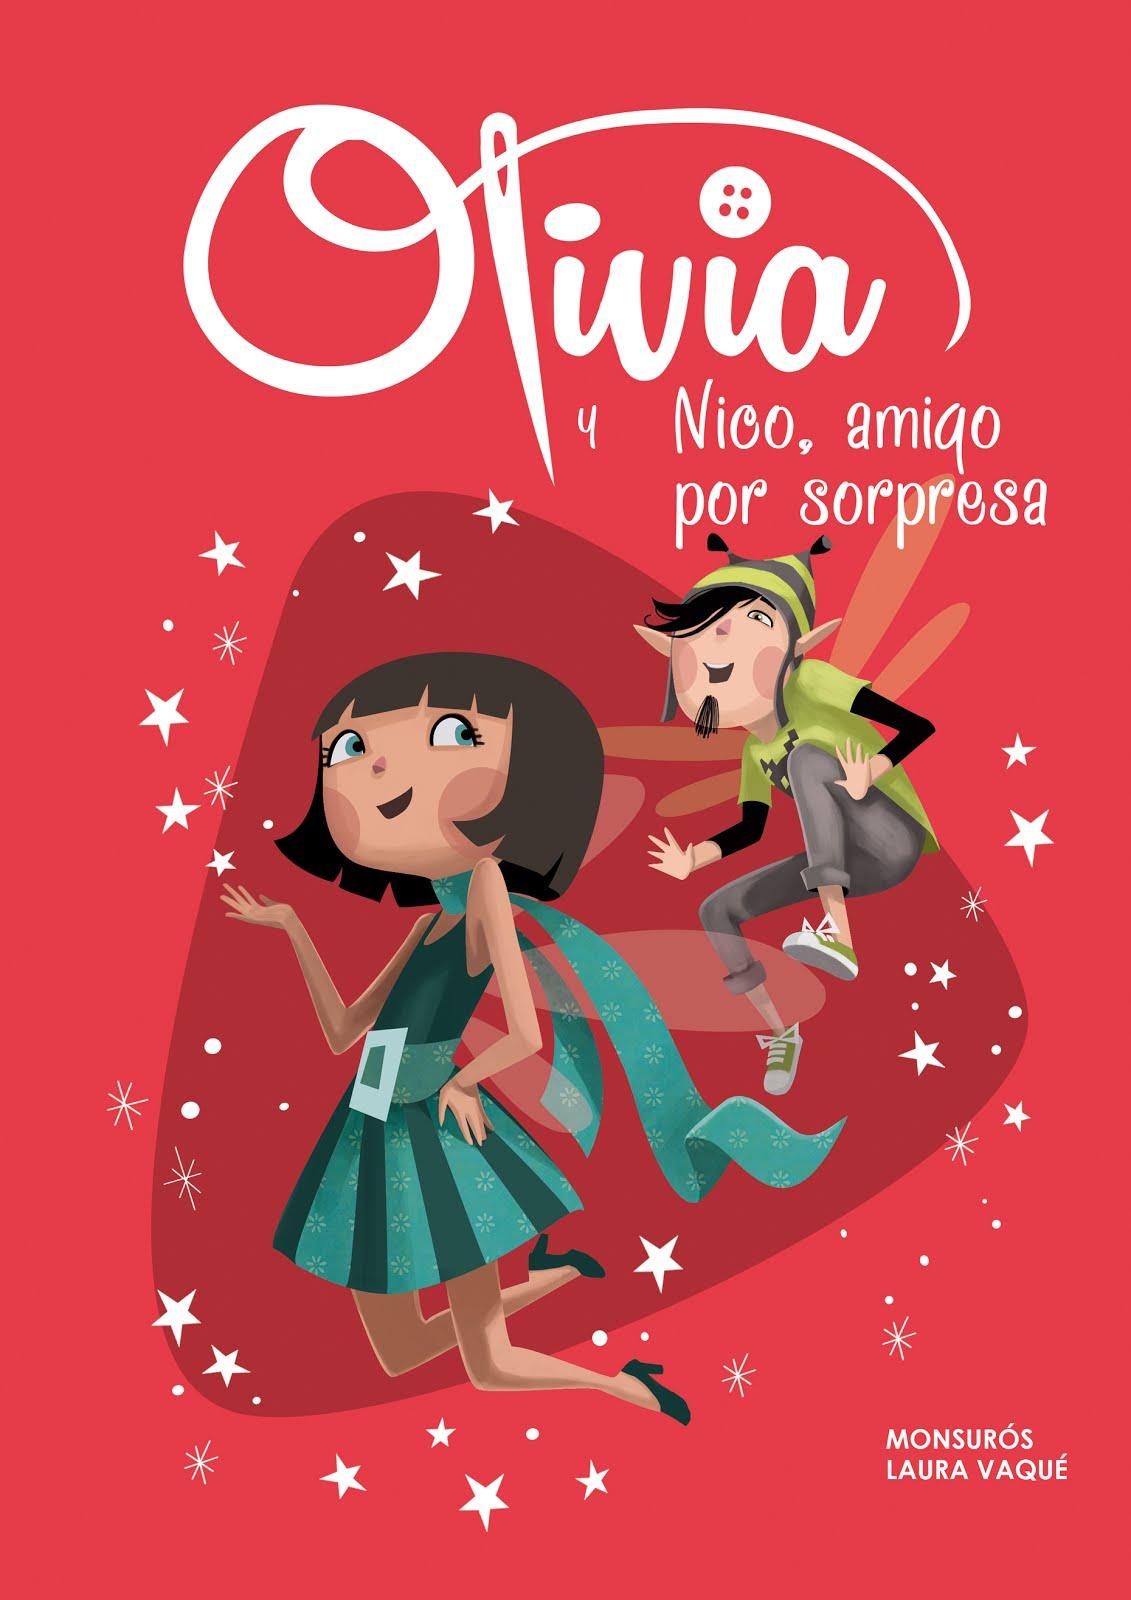 Olivia y Nico, amigo por sorpresa